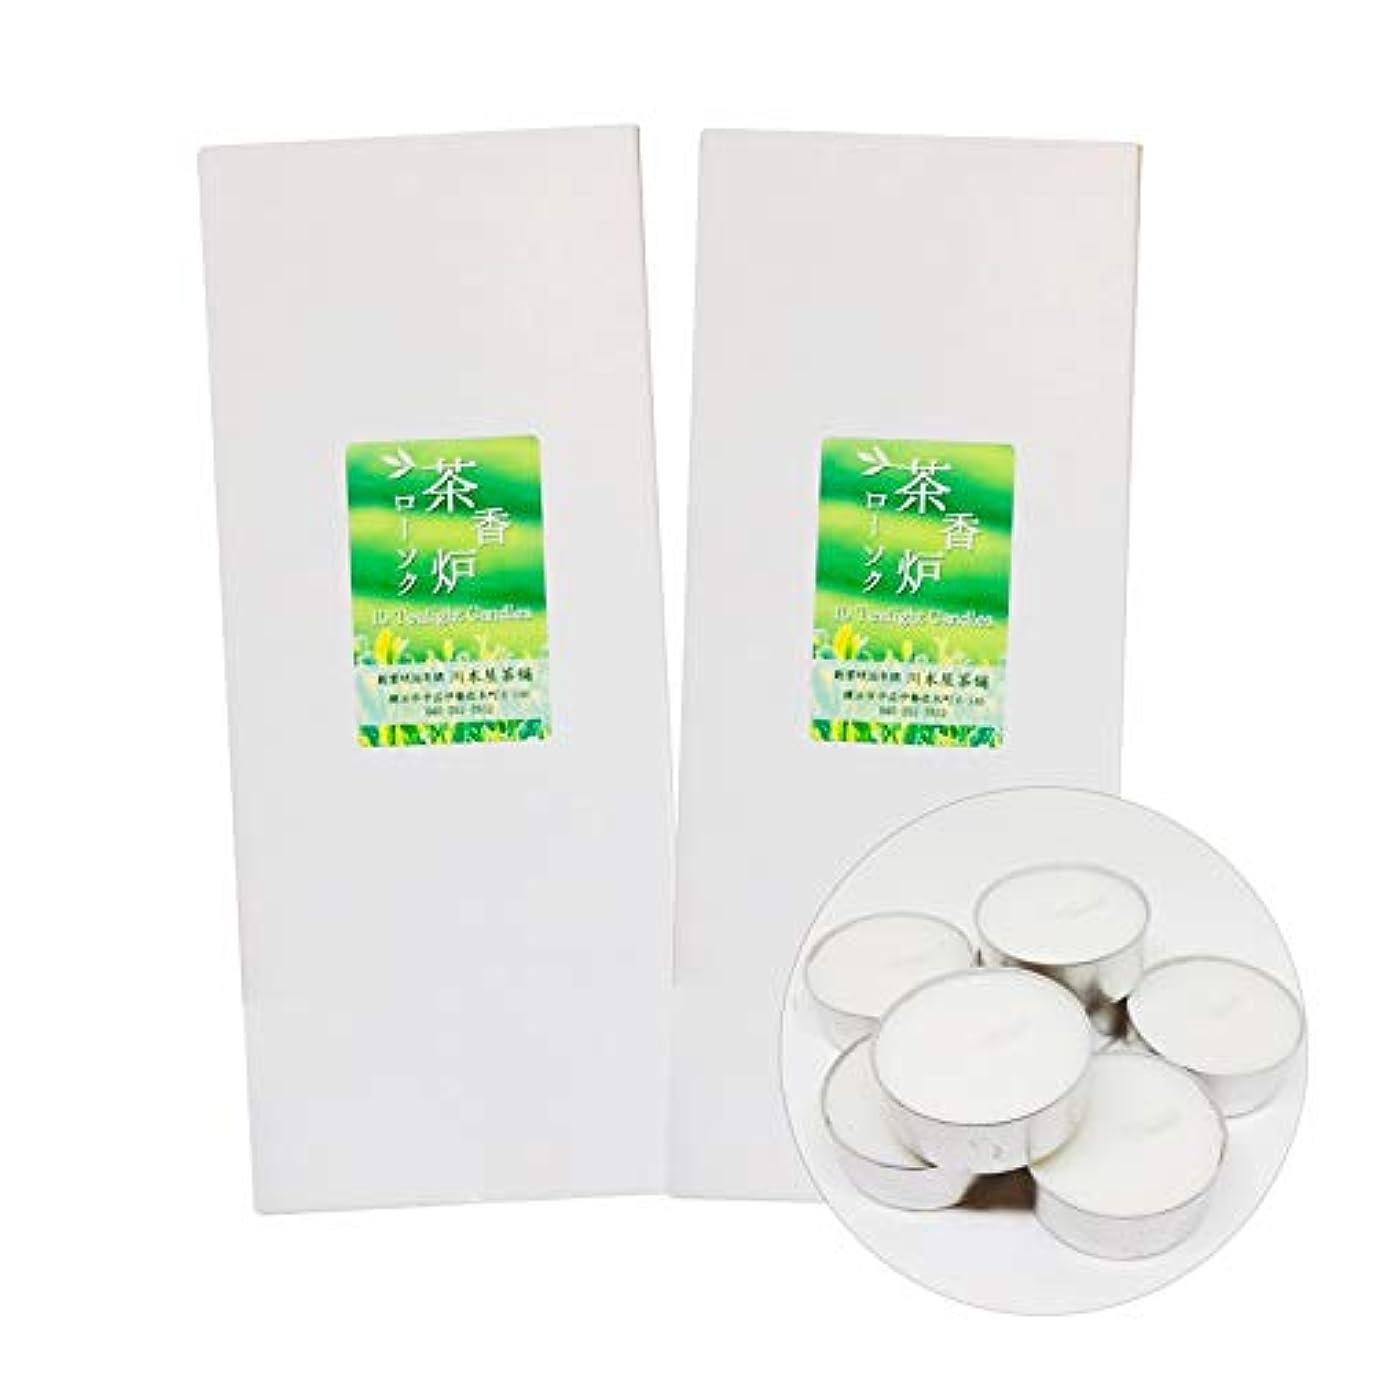 効能封筒歌手茶香炉専用 ろうそく キャンドル 10個入り 川本屋茶舗 (2箱)